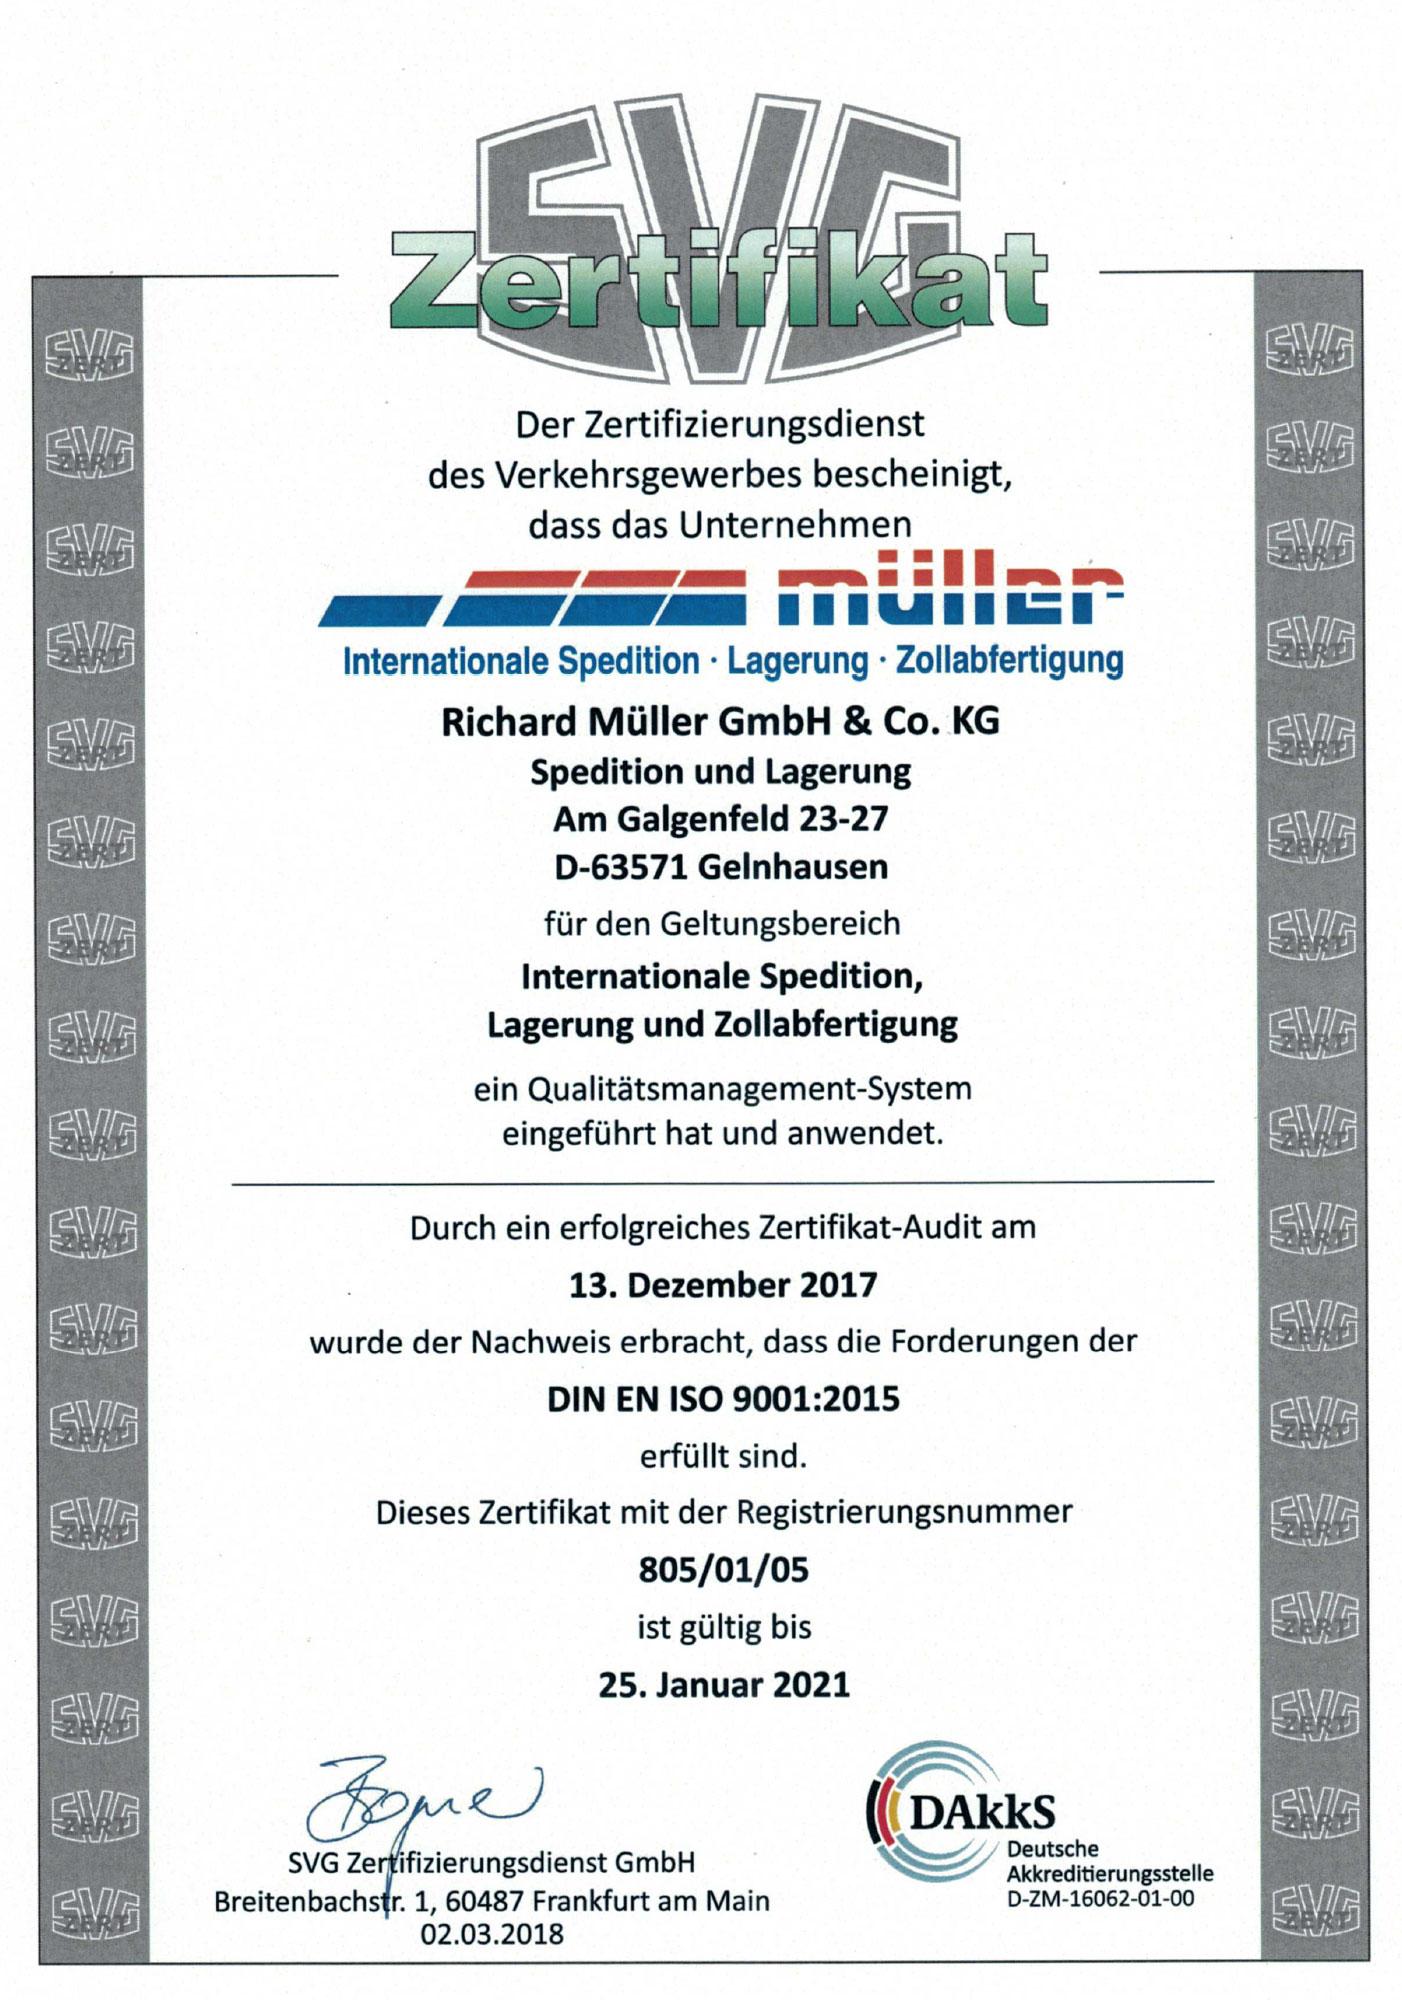 SVG Zertifikat DIN EN ISO 9001